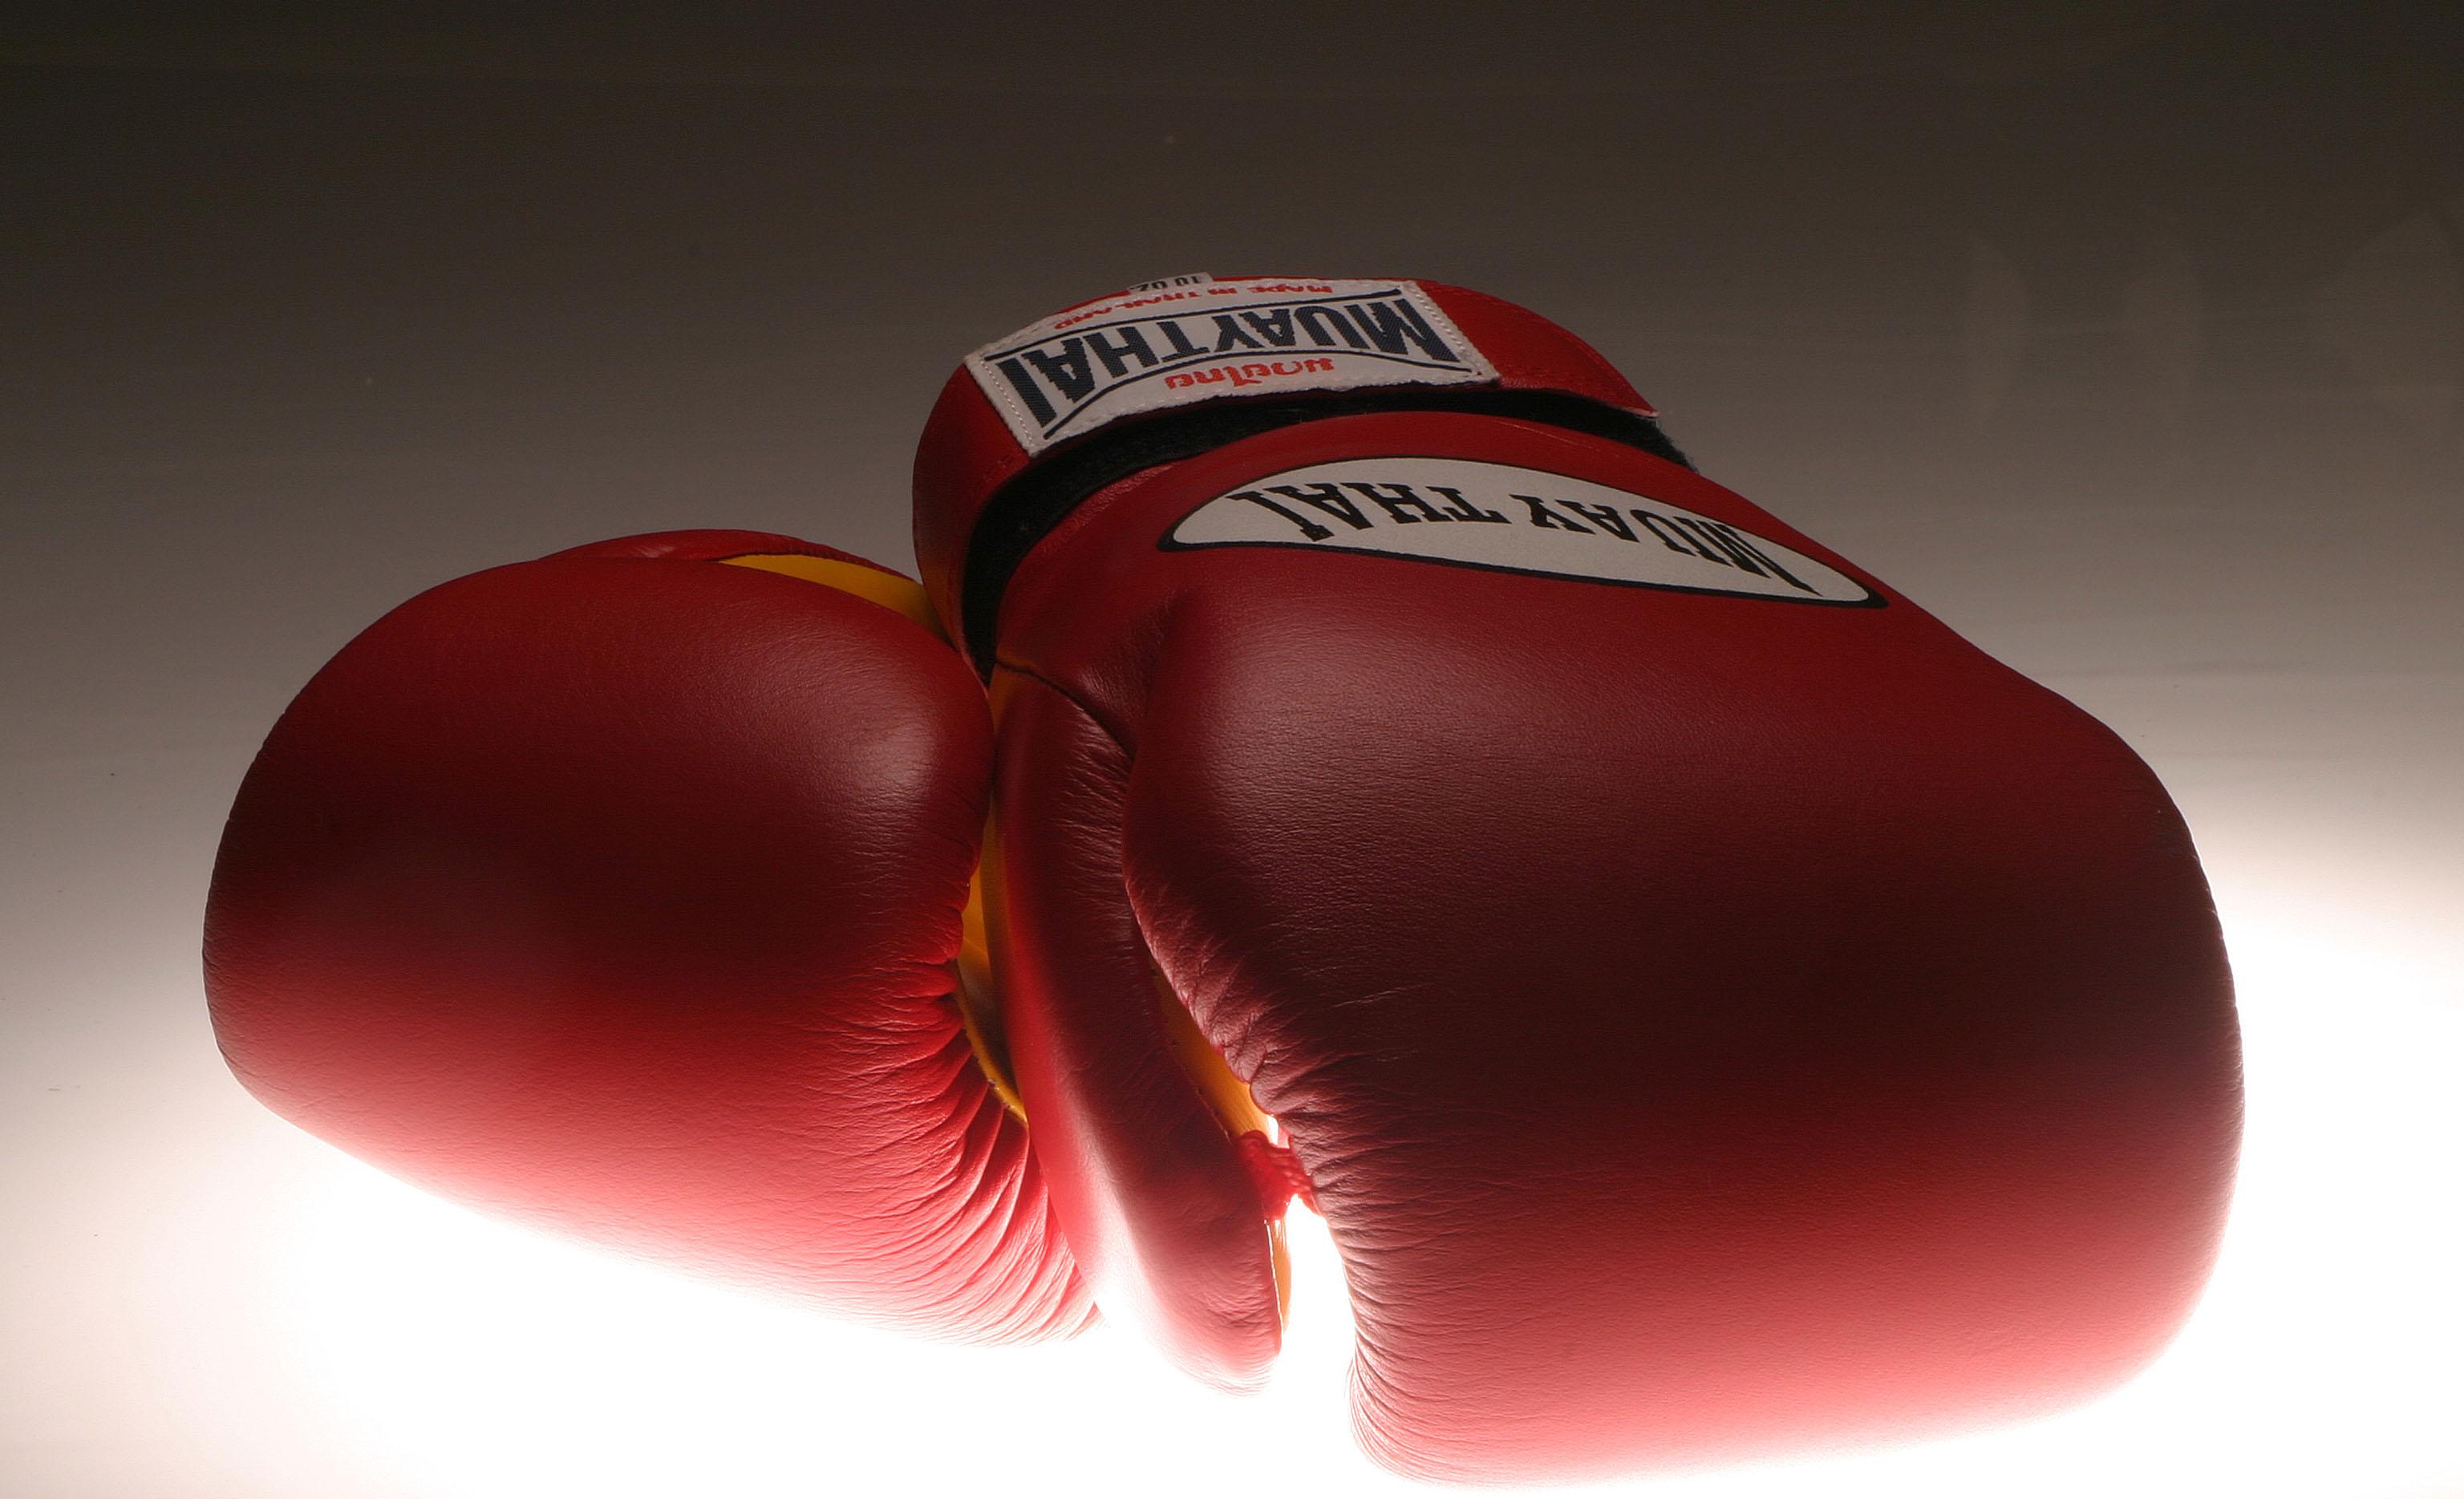 File:Muay Thai gloves jpg - Wikimedia Commons